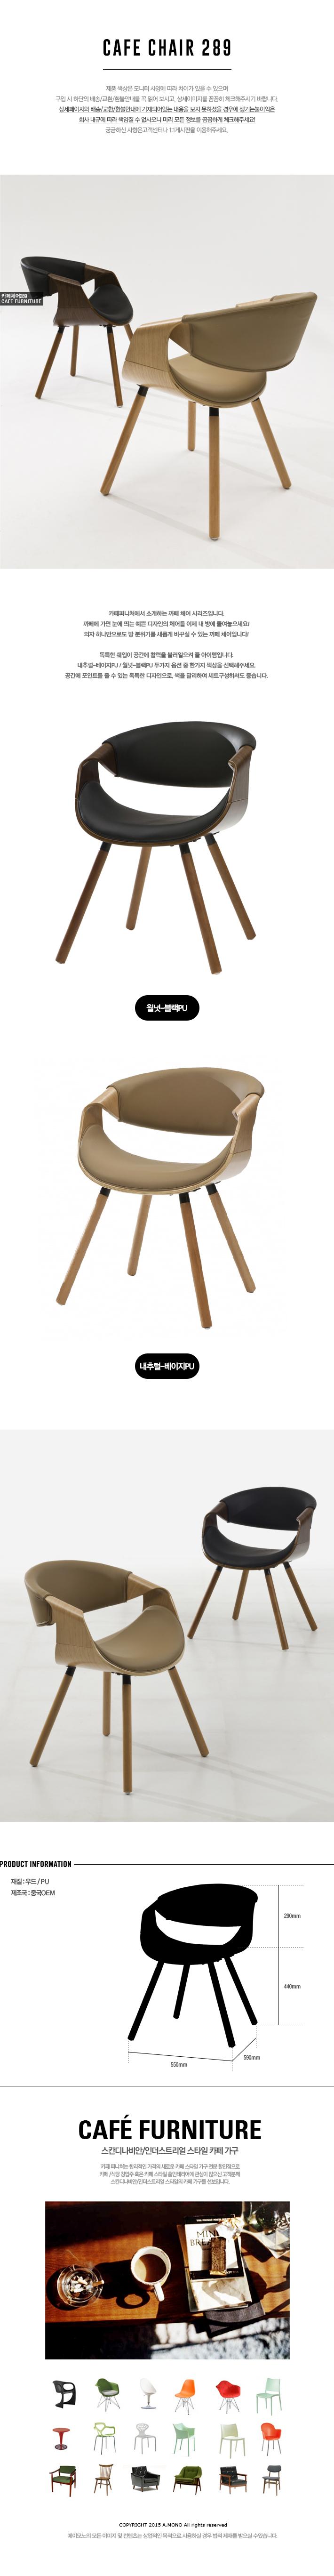 카페 체어 289 - 카페퍼니쳐, 134,800원, 디자인 의자, 인테리어의자